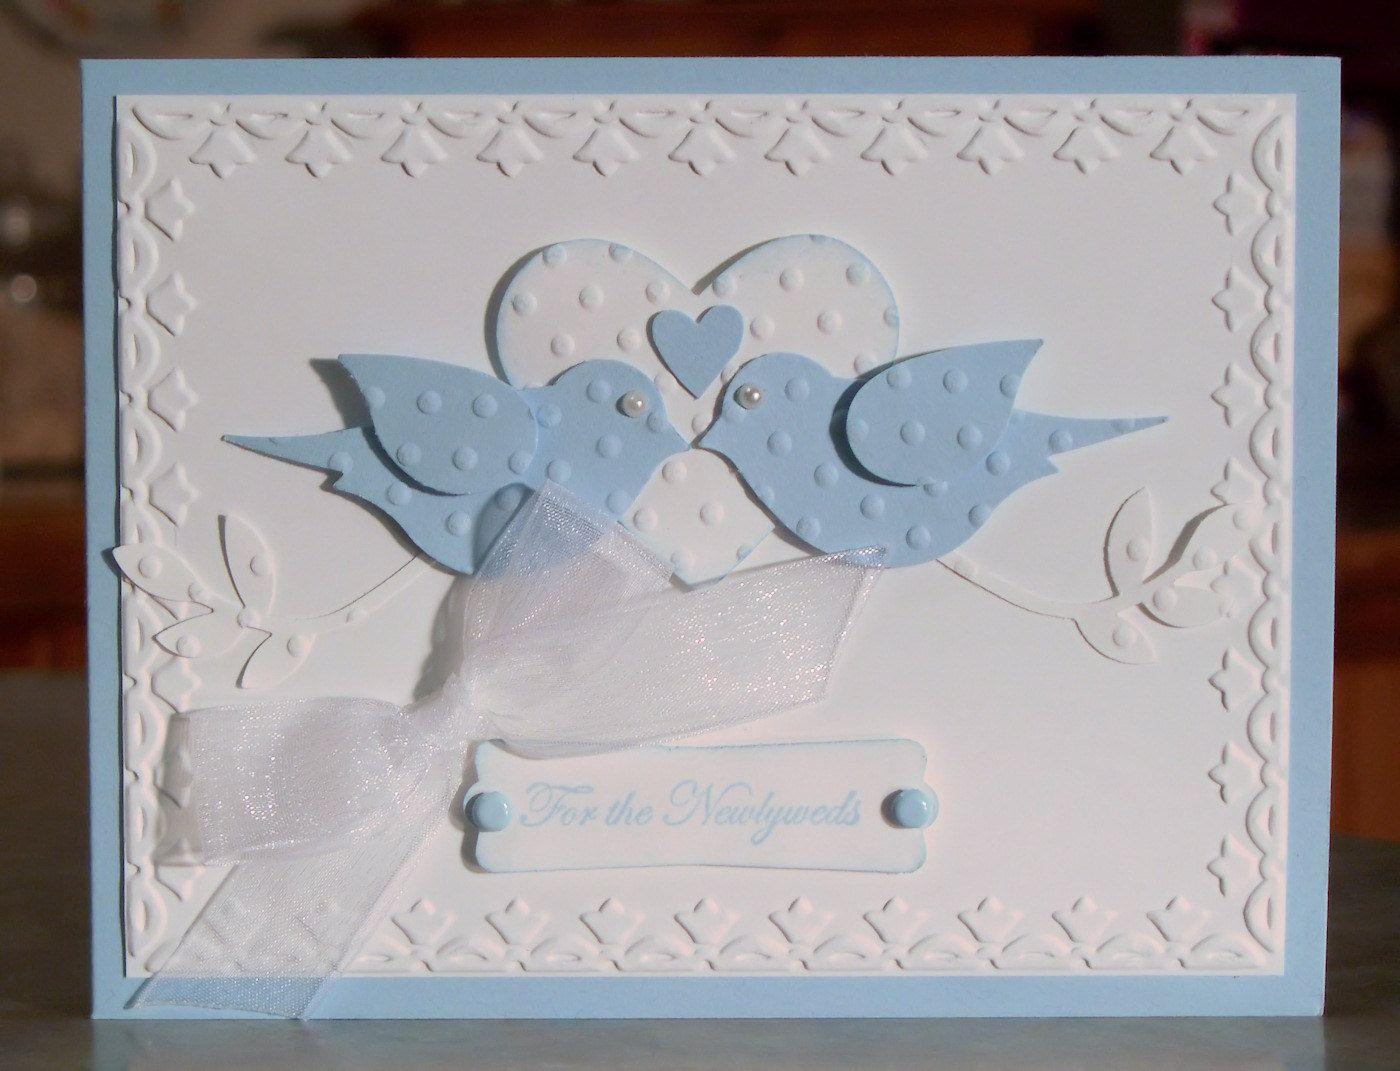 Bluebirds Wedding Card Stampin Up Teeny Tiny Wishes. $4.50, via Etsy.